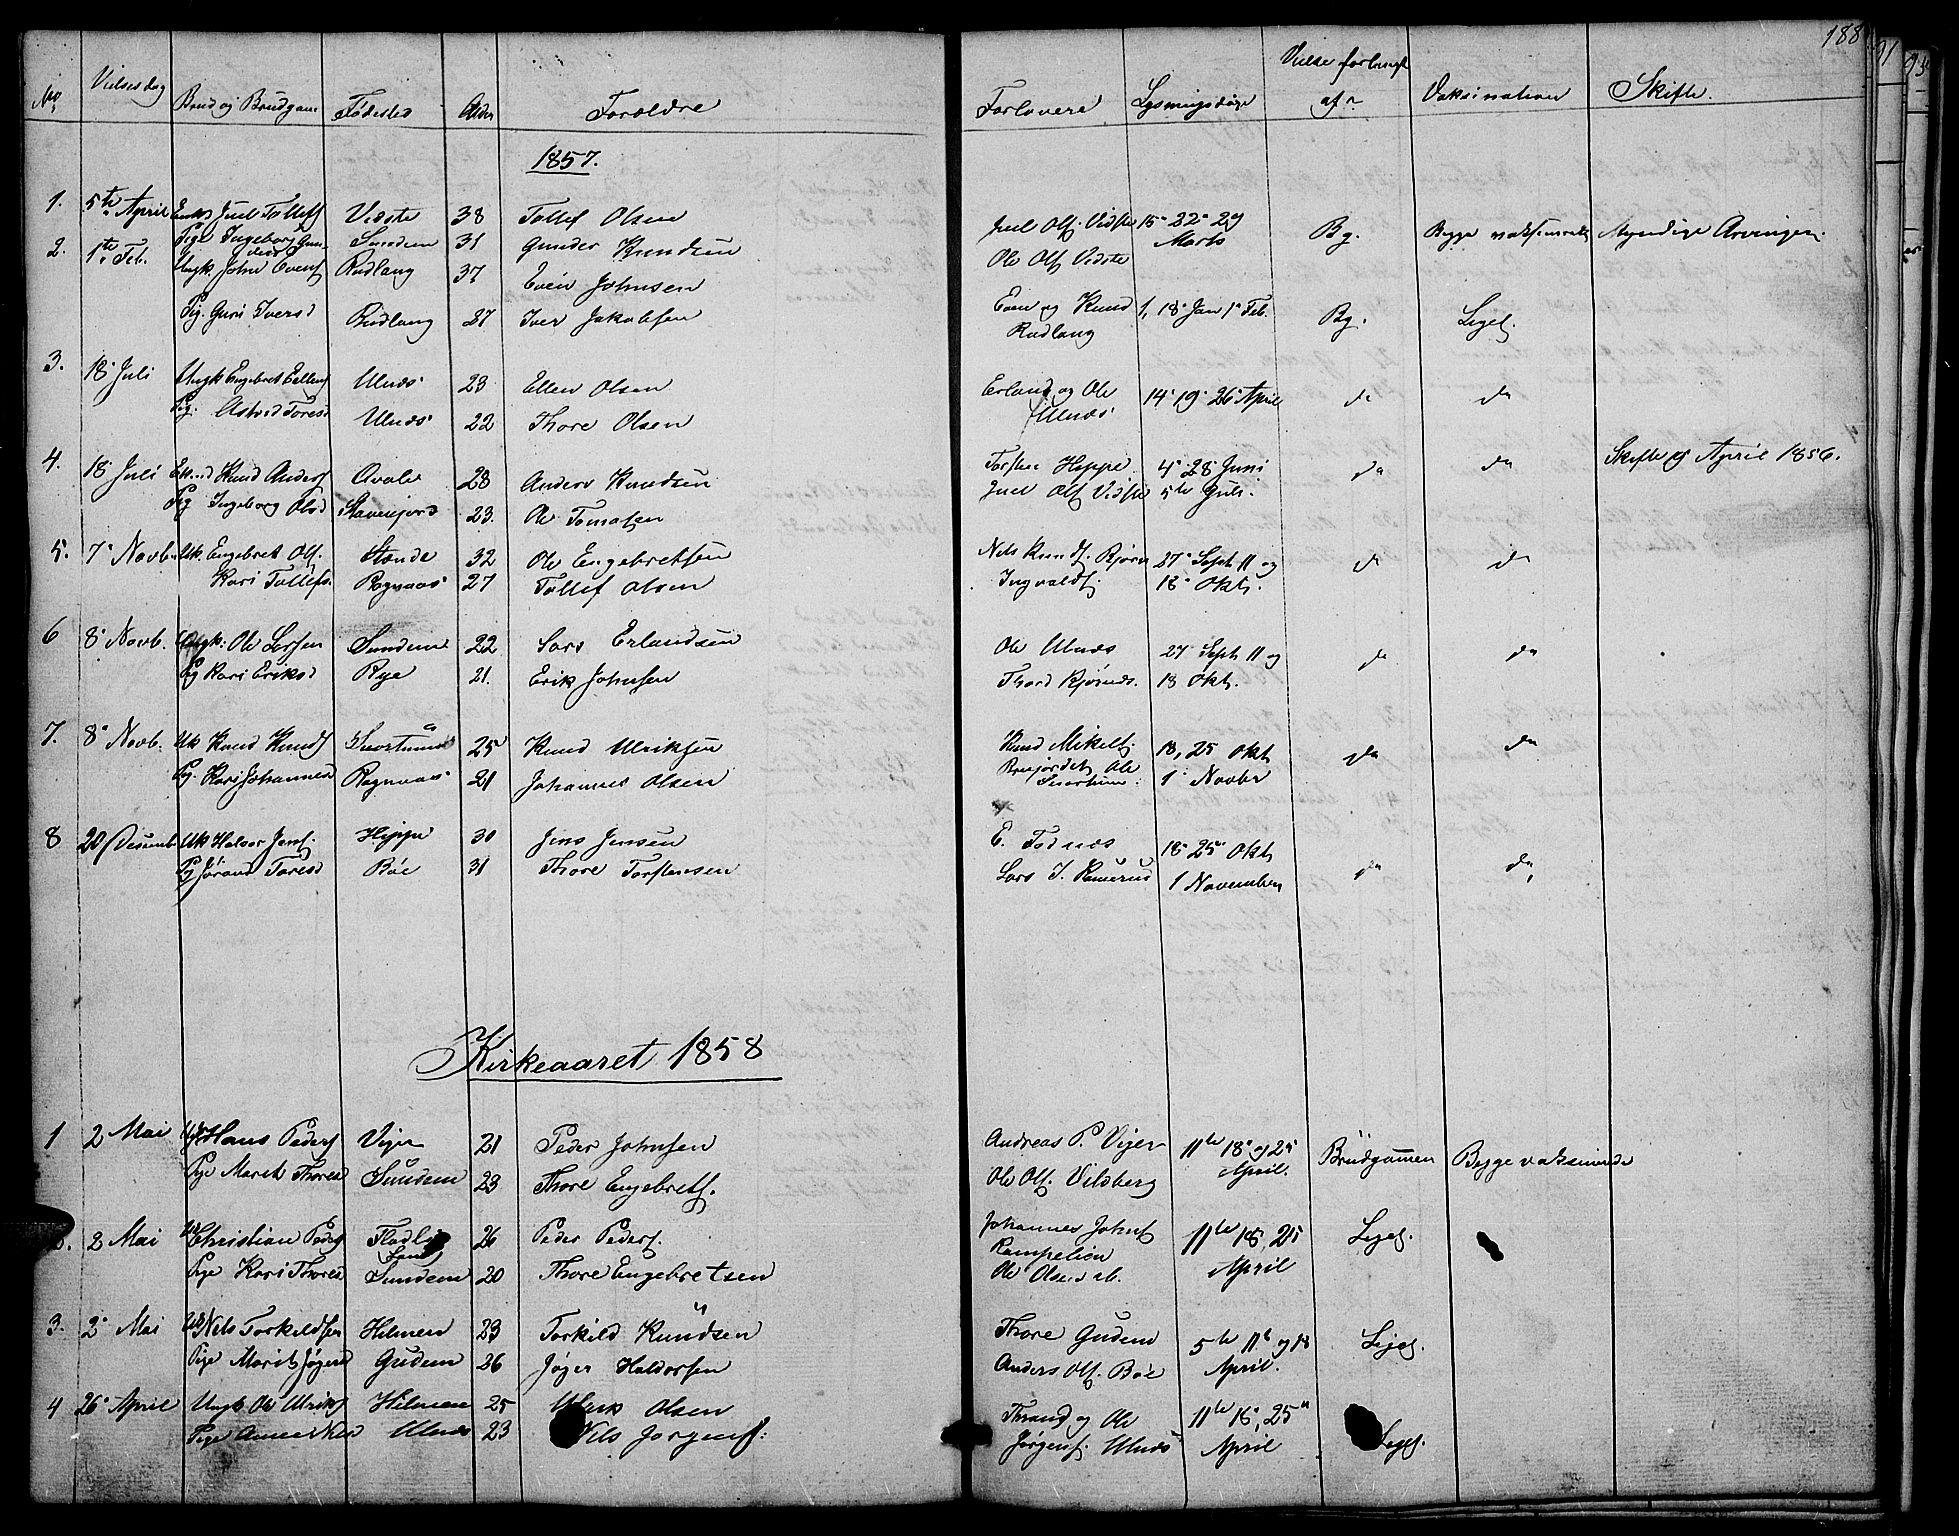 SAH, Nord-Aurdal prestekontor, Klokkerbok nr. 4, 1842-1882, s. 188